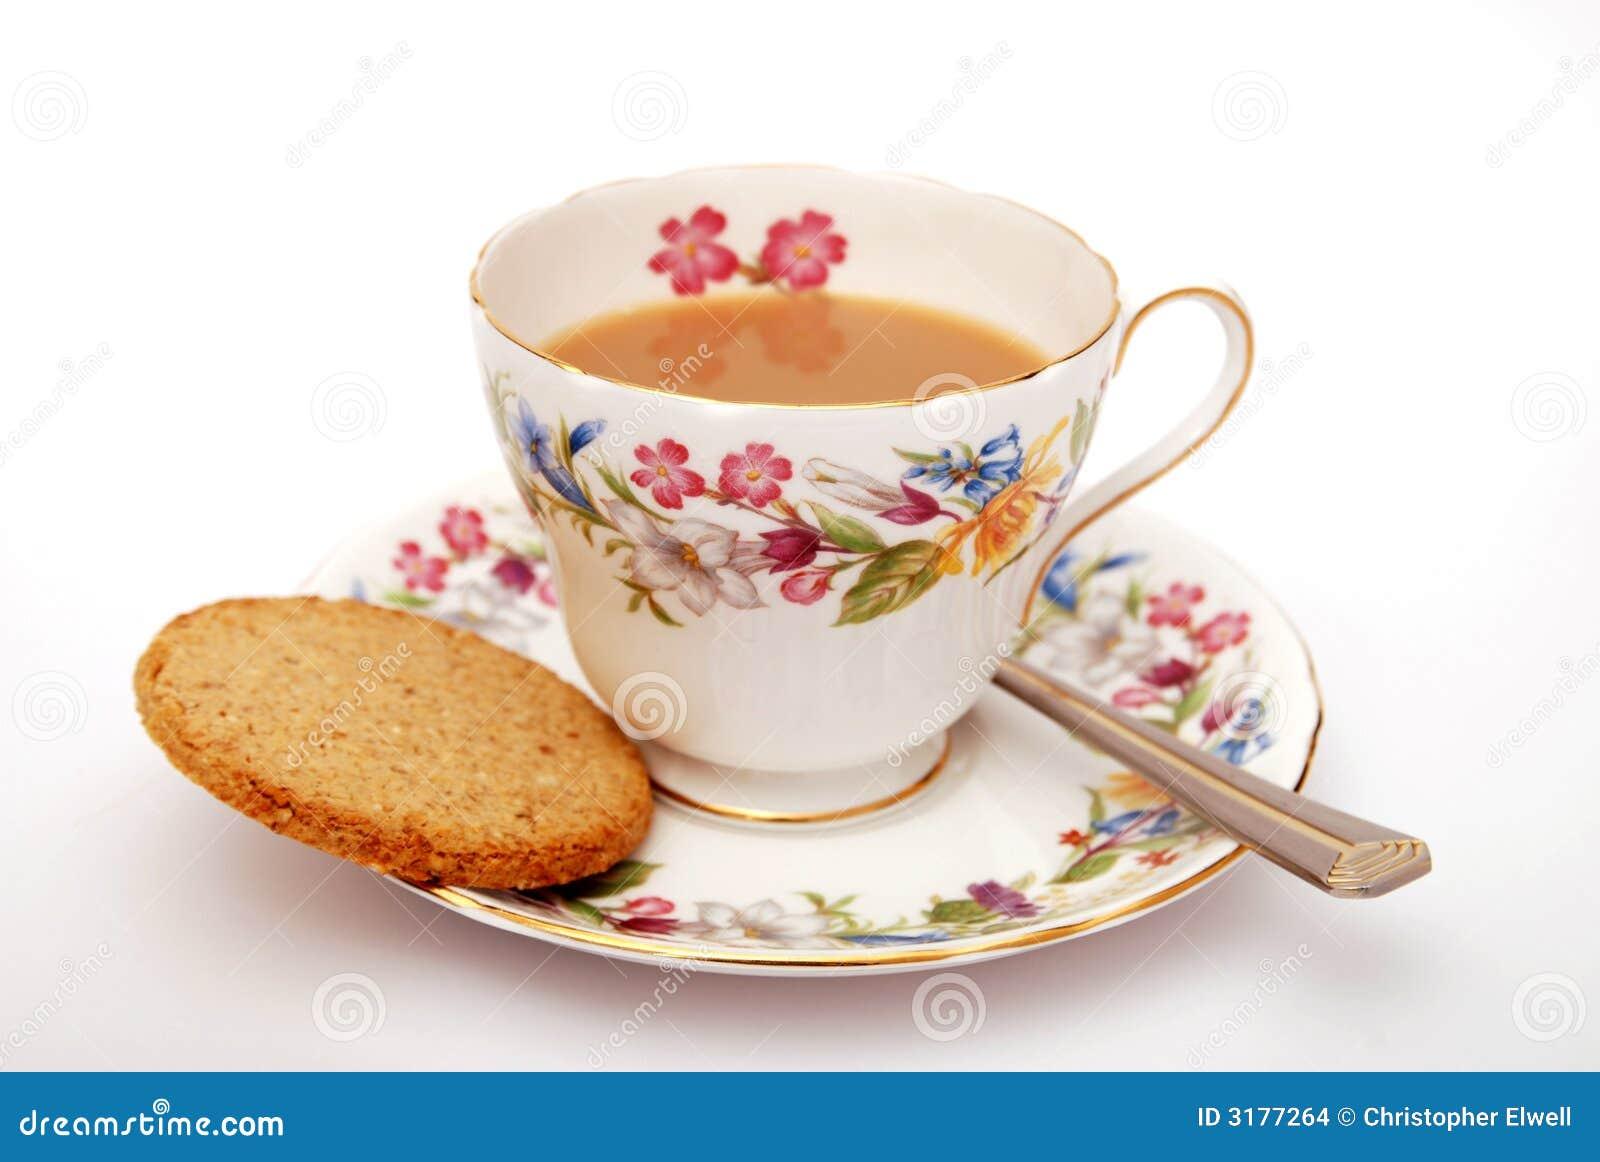 Thé et biscuit anglais